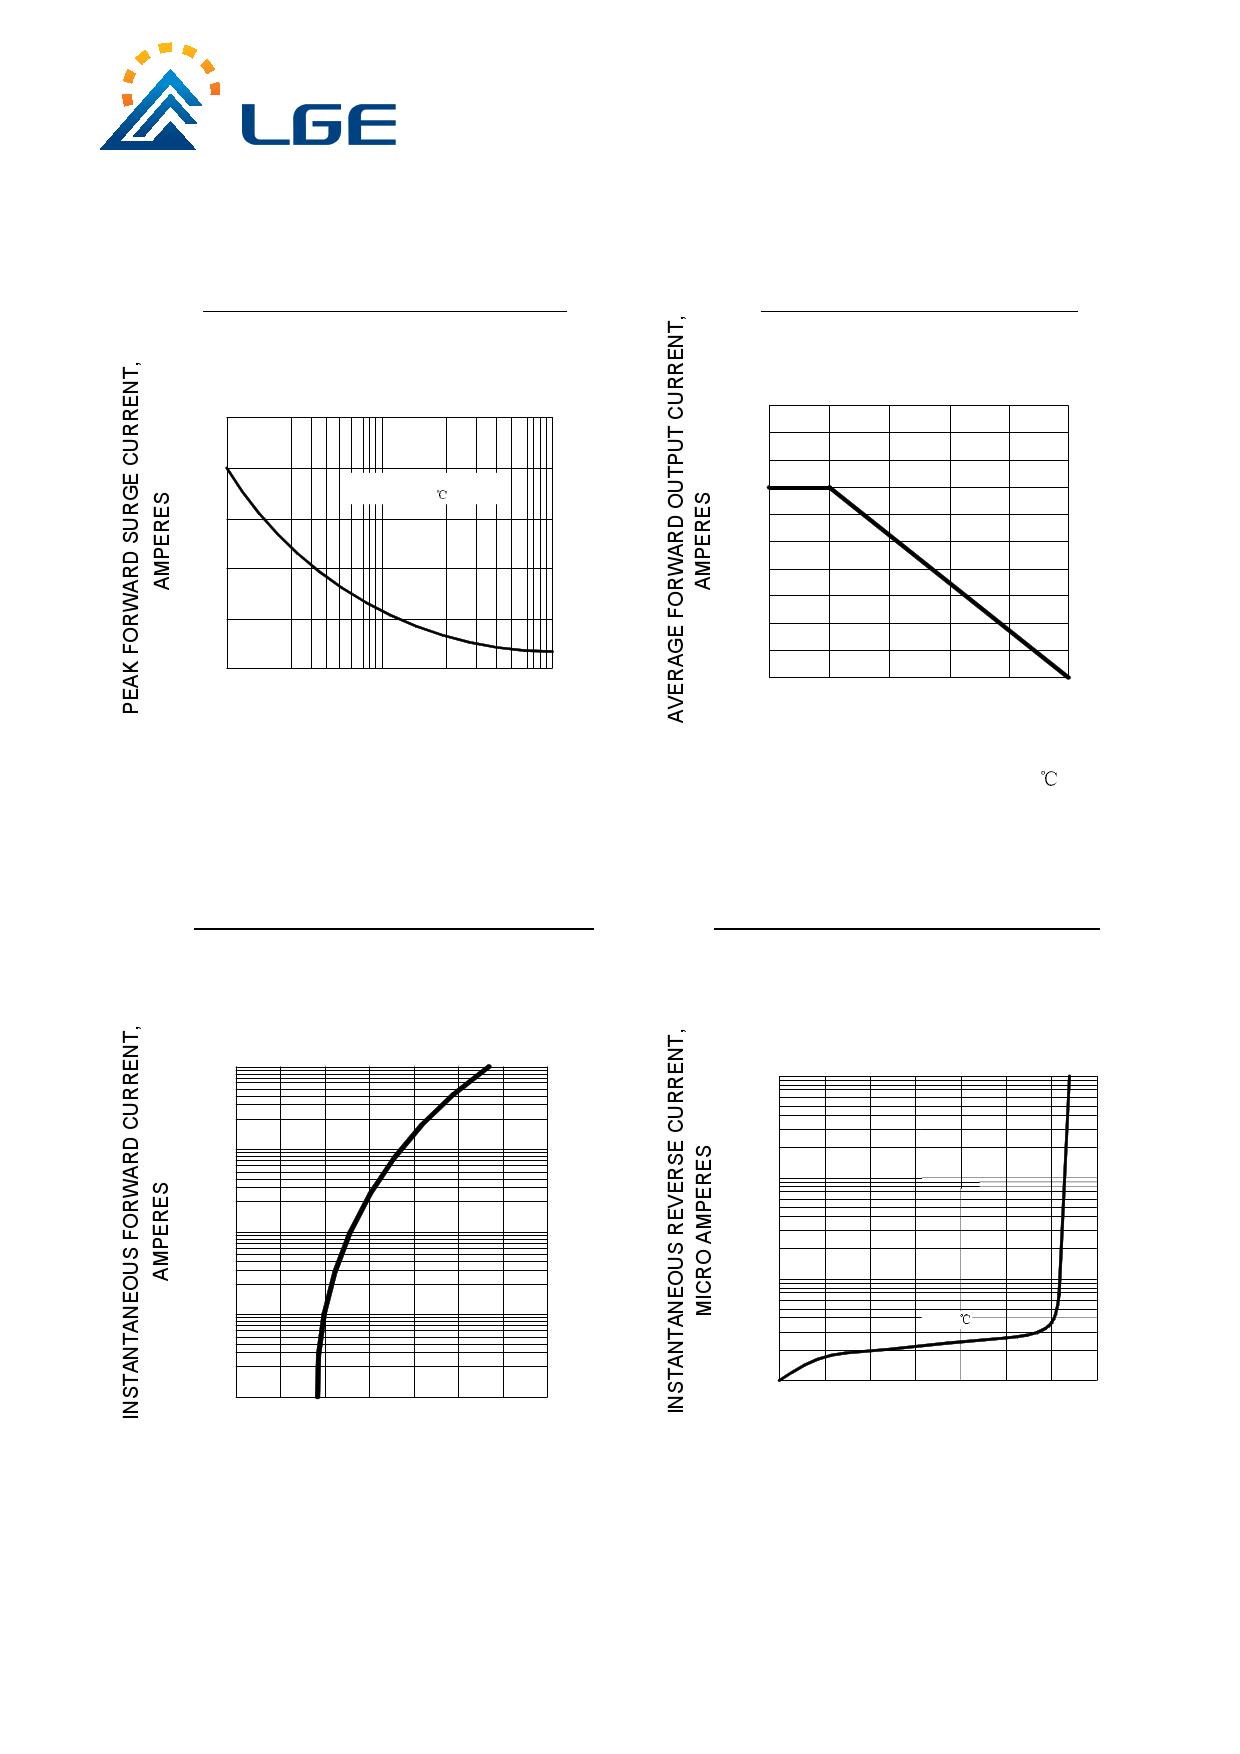 kbpc3510 datasheet pdf   pinout